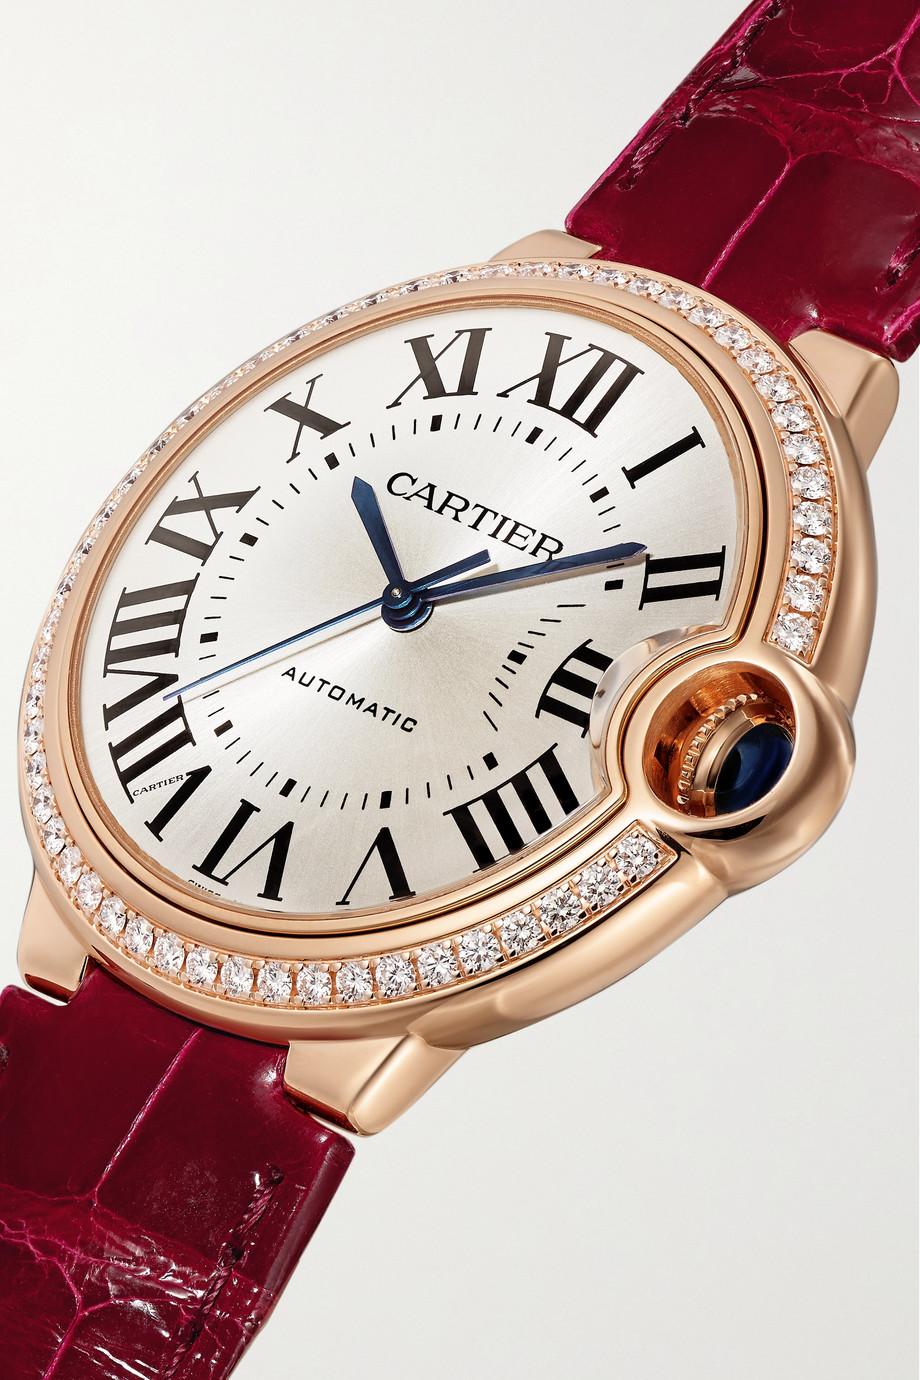 Cartier Montre en or rose 18 carats (750/1000) et diamants à bracelet en alligator Ballon Bleu de Cartier Automatique 36 mm